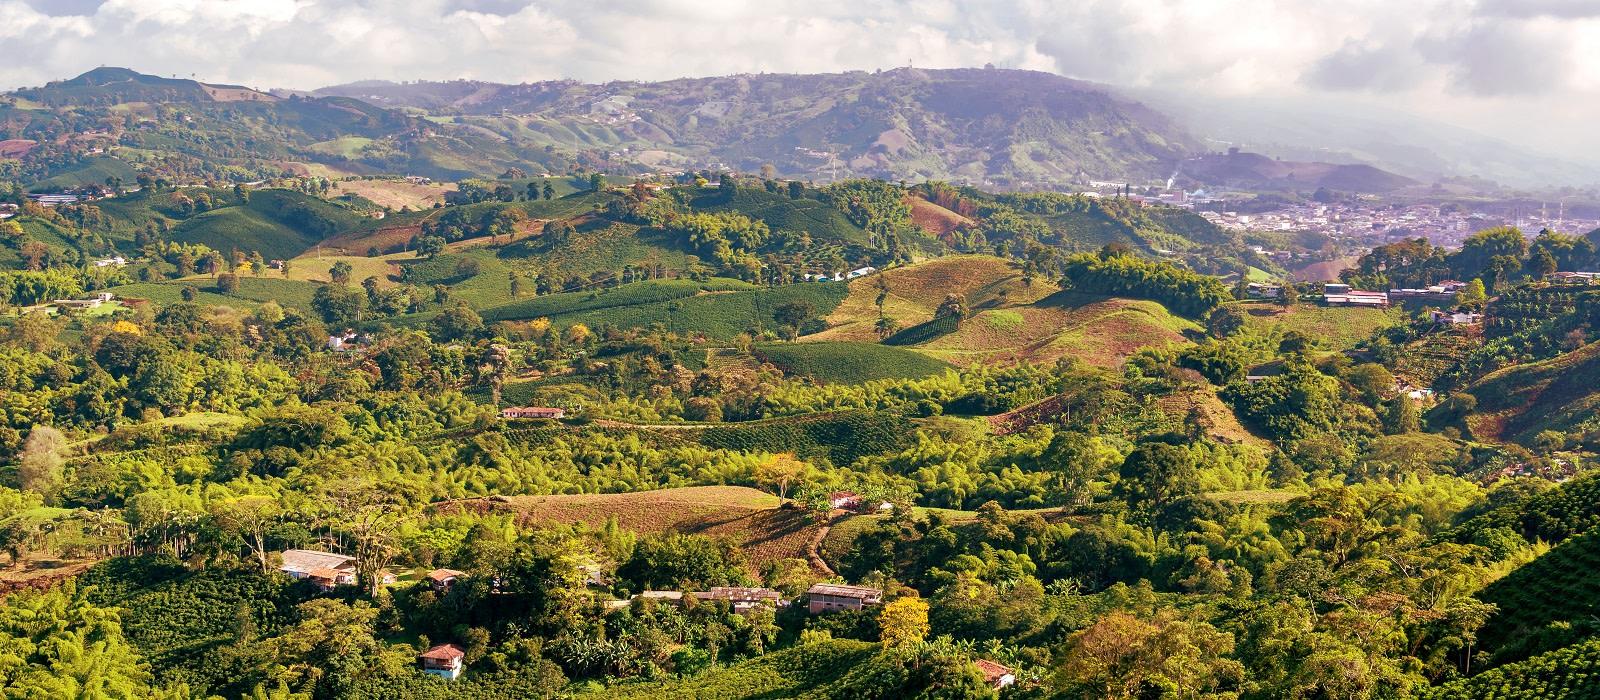 Reiseziel Coffee Region Kolumbien